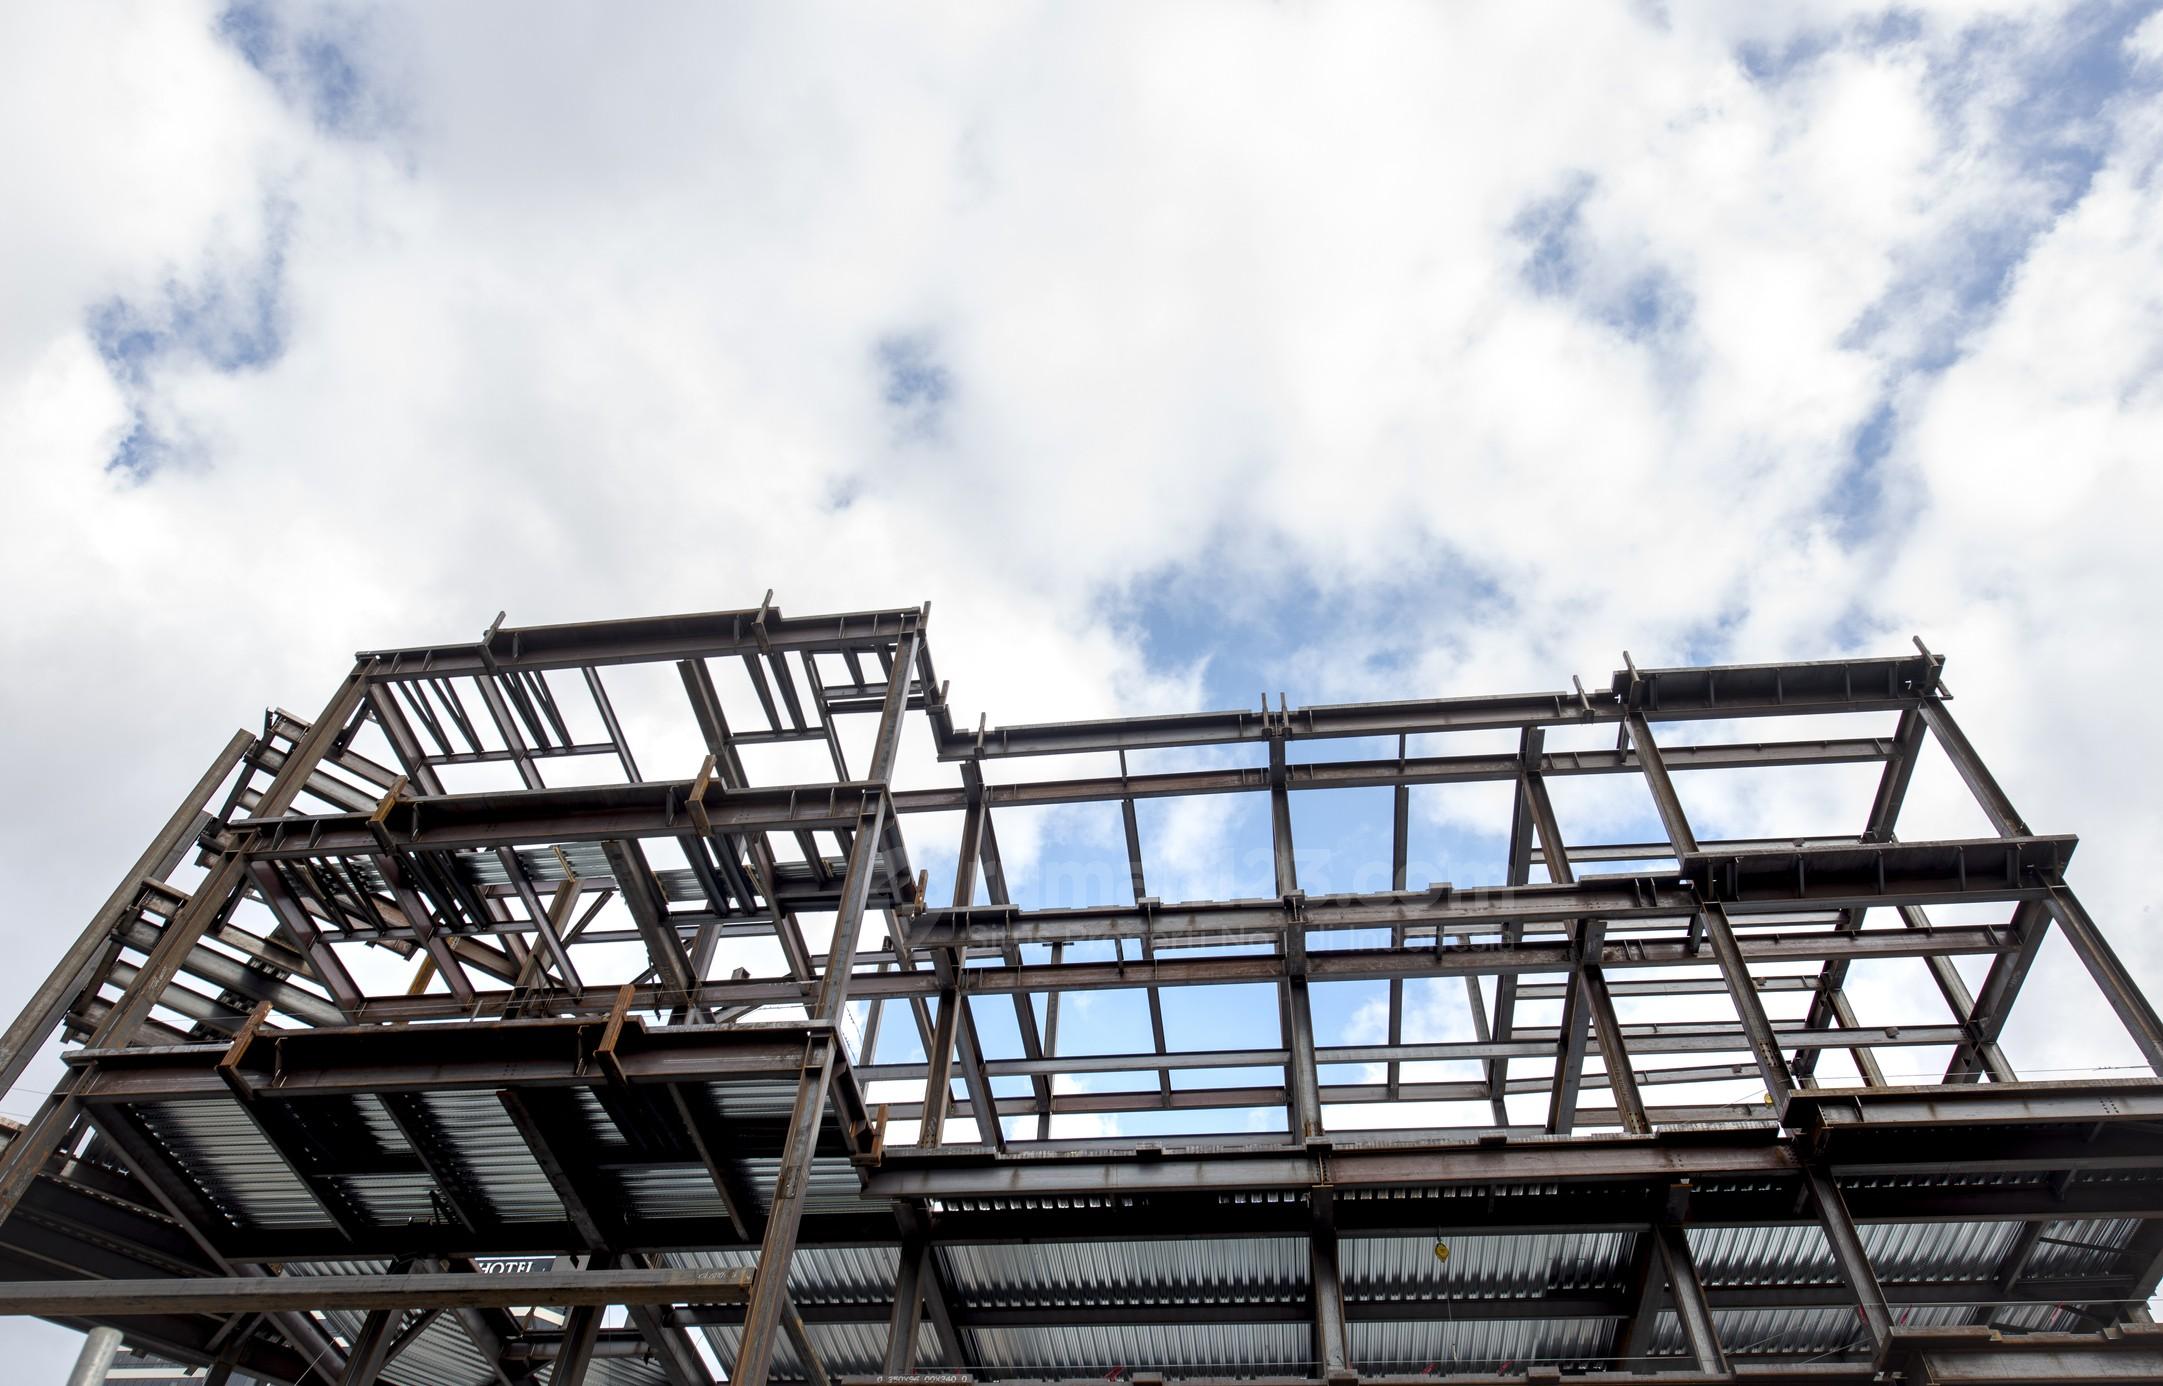 Rangka Atap Baja Ringan Vs Kayu Lebih Baik Yang Mana Rumah123 Com